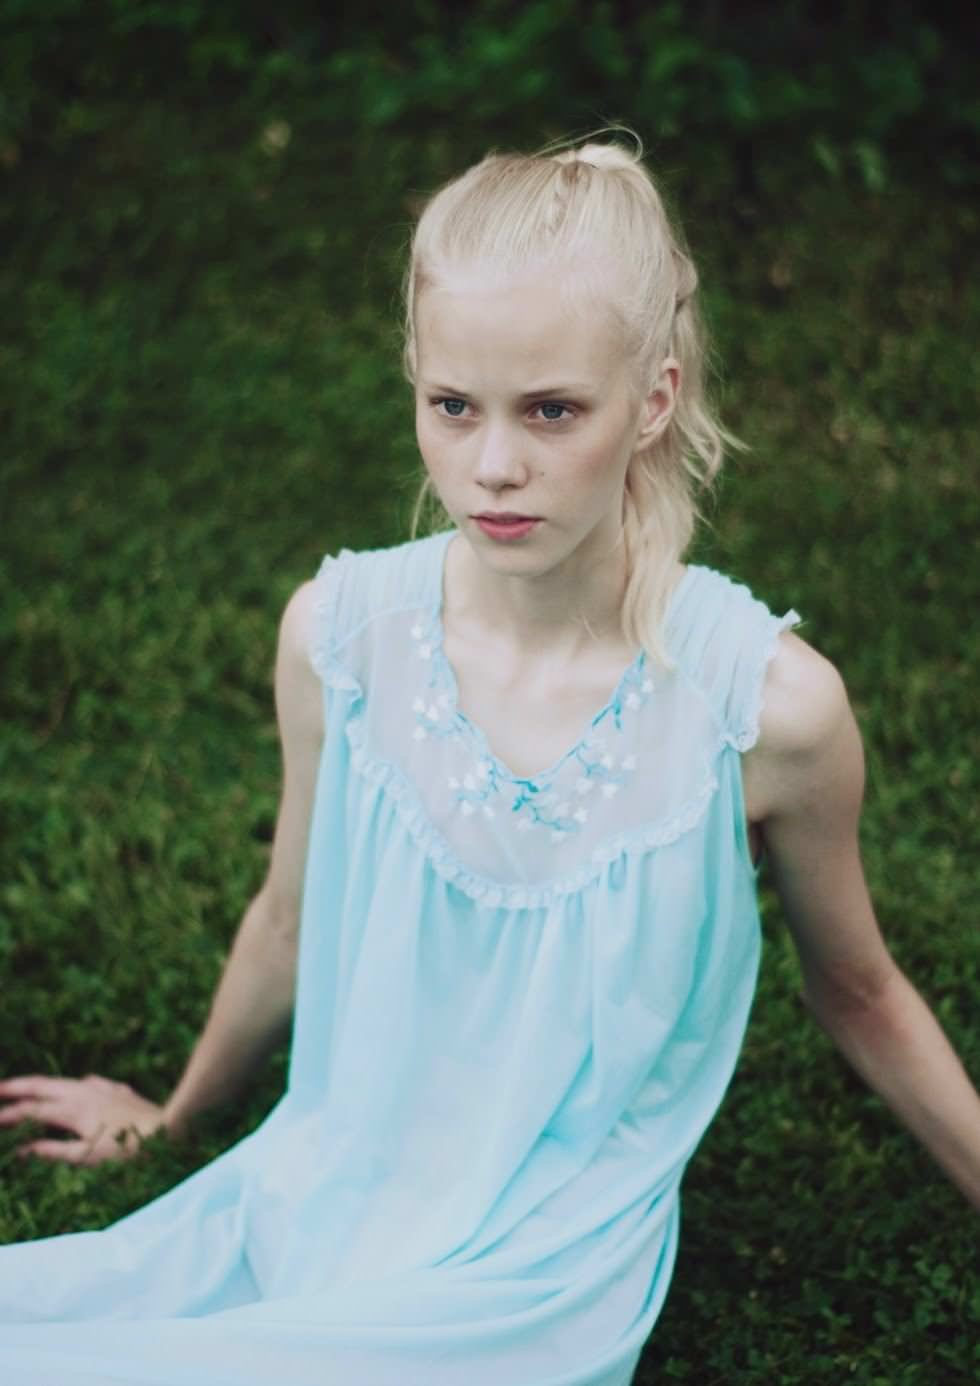 【外人】デンマークの妖精アメリー·シュミット(Amalie Schmidt)が異常な程可愛いポルノ画像 1983